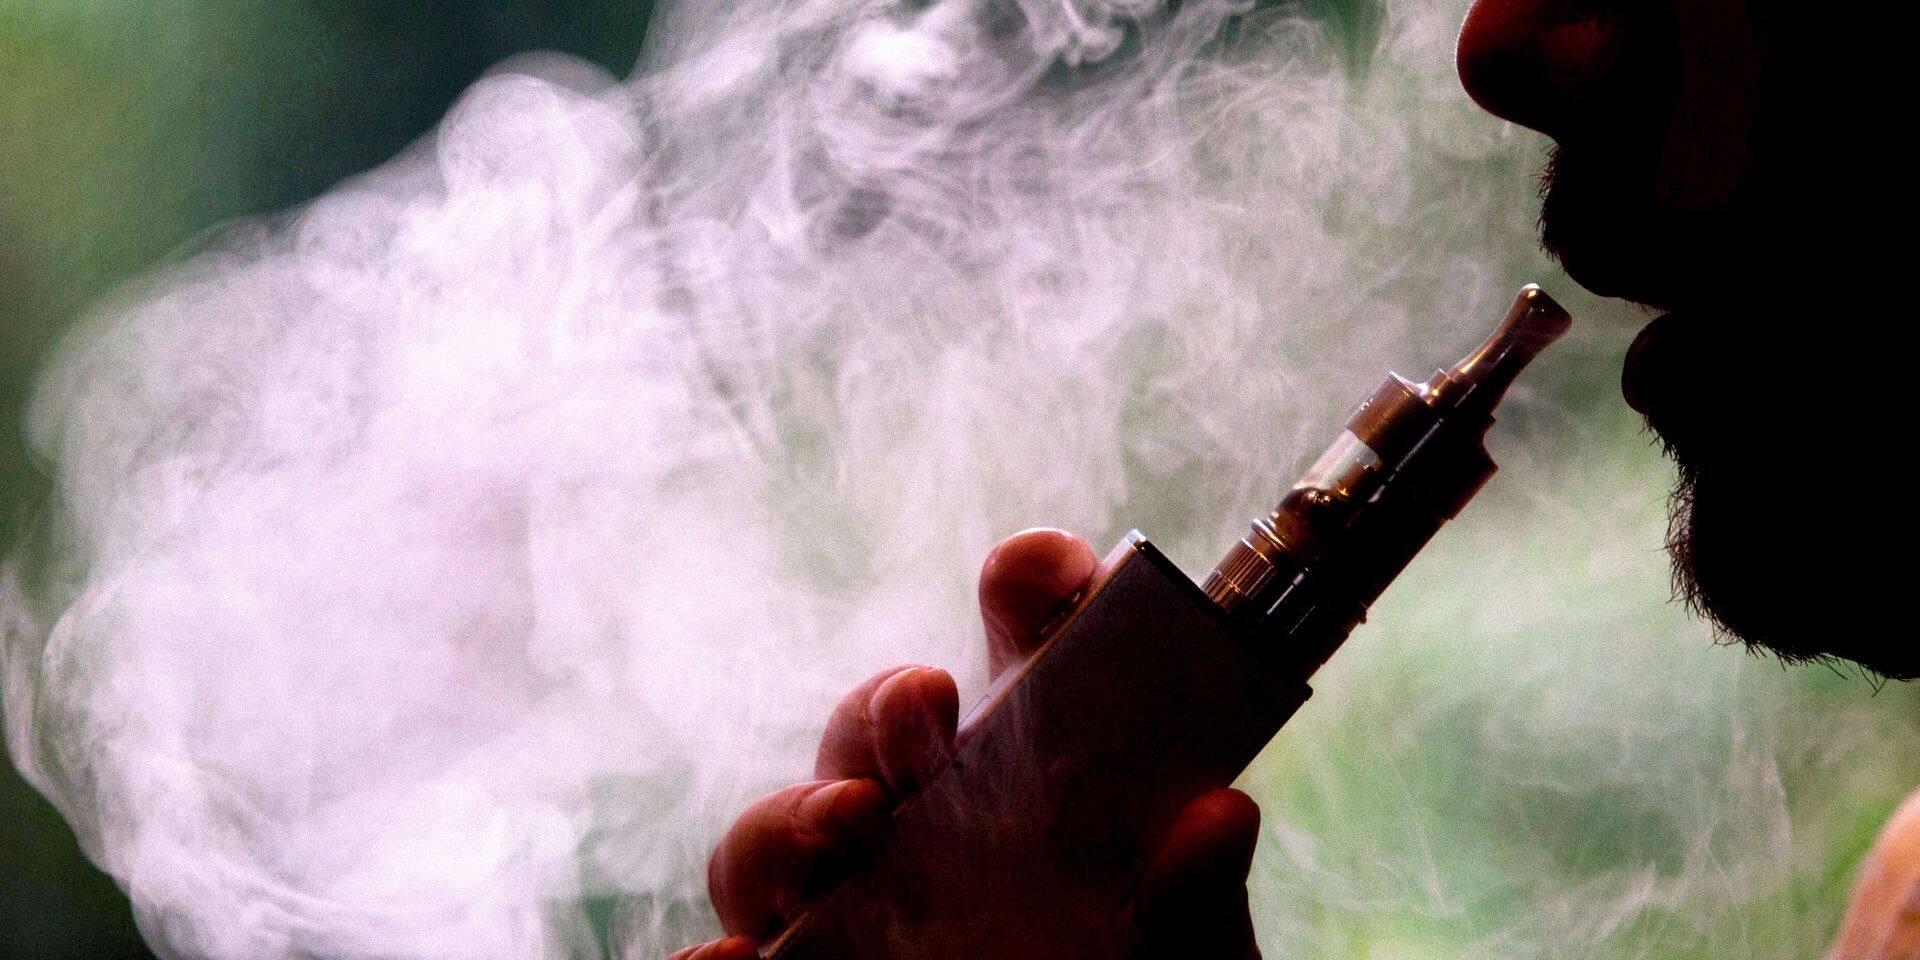 La cigarette éléctronique, un cadeau ou un poison ?